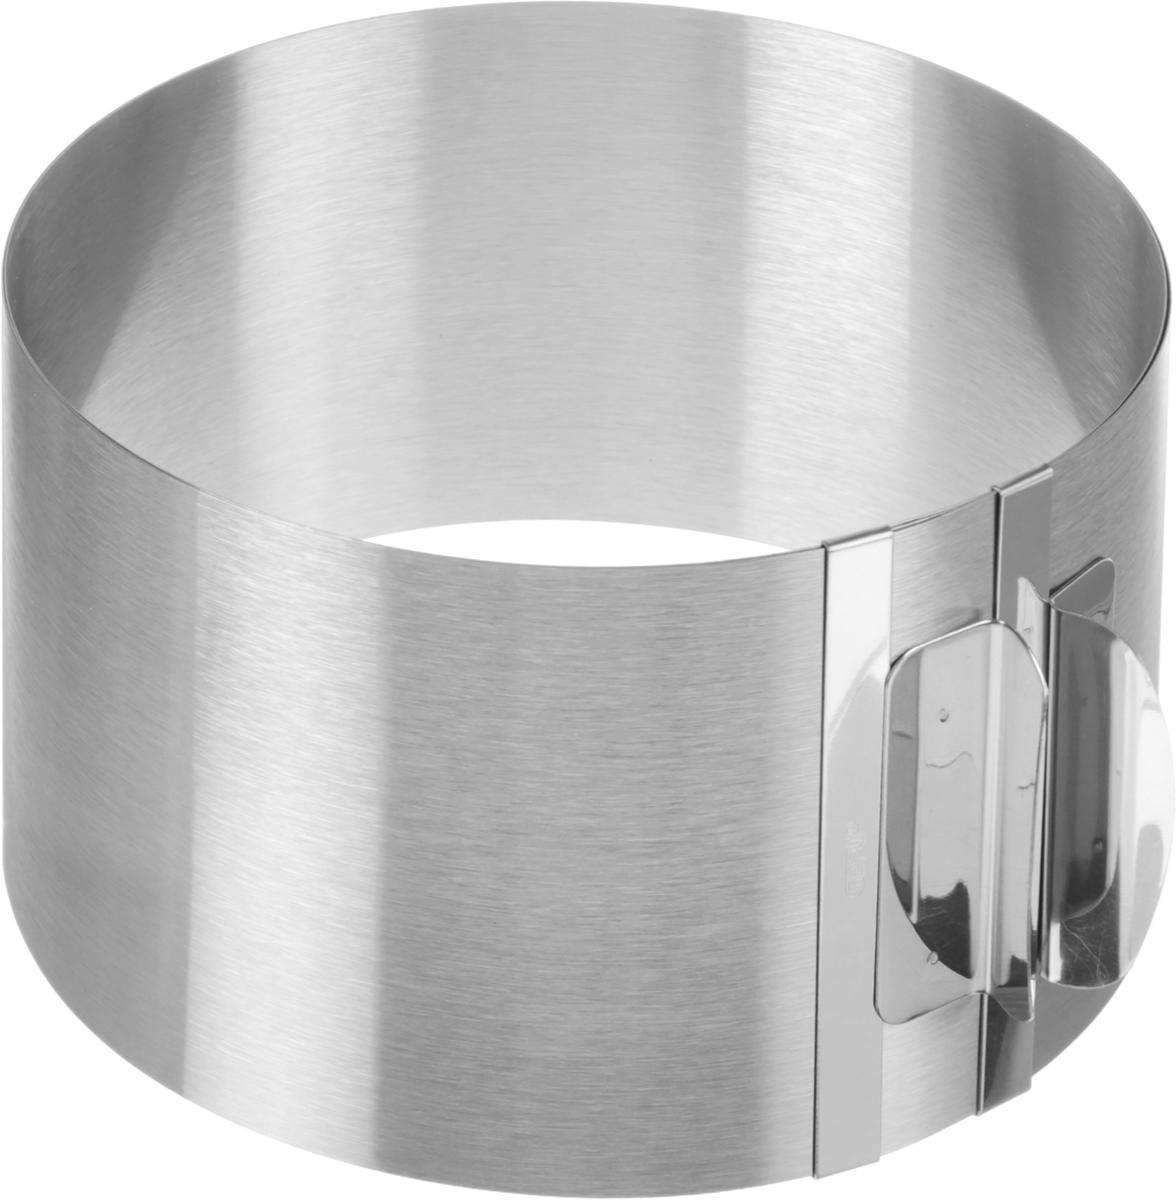 Кольцо для выпечки Tondo XXL3000006SURM017Кольцо для выпечки Gefu Tondo XXL изготовлено из нержавеющей стали. Конструкция кольца такова, что позволяет регулировать диаметр от 16,5 см до 32 см. Для облегчения процесса чистки полностью выпрямляется. Можно мыть в посудомоечной машине. Характеристики: Материал: сталь. Диаметр: 16,5 см - 32 см. Высота: 10 см. Размер упаковки: 17,8 см х 16,8 см х 10,5 см. Производитель: Германия. Артикул: 14304.